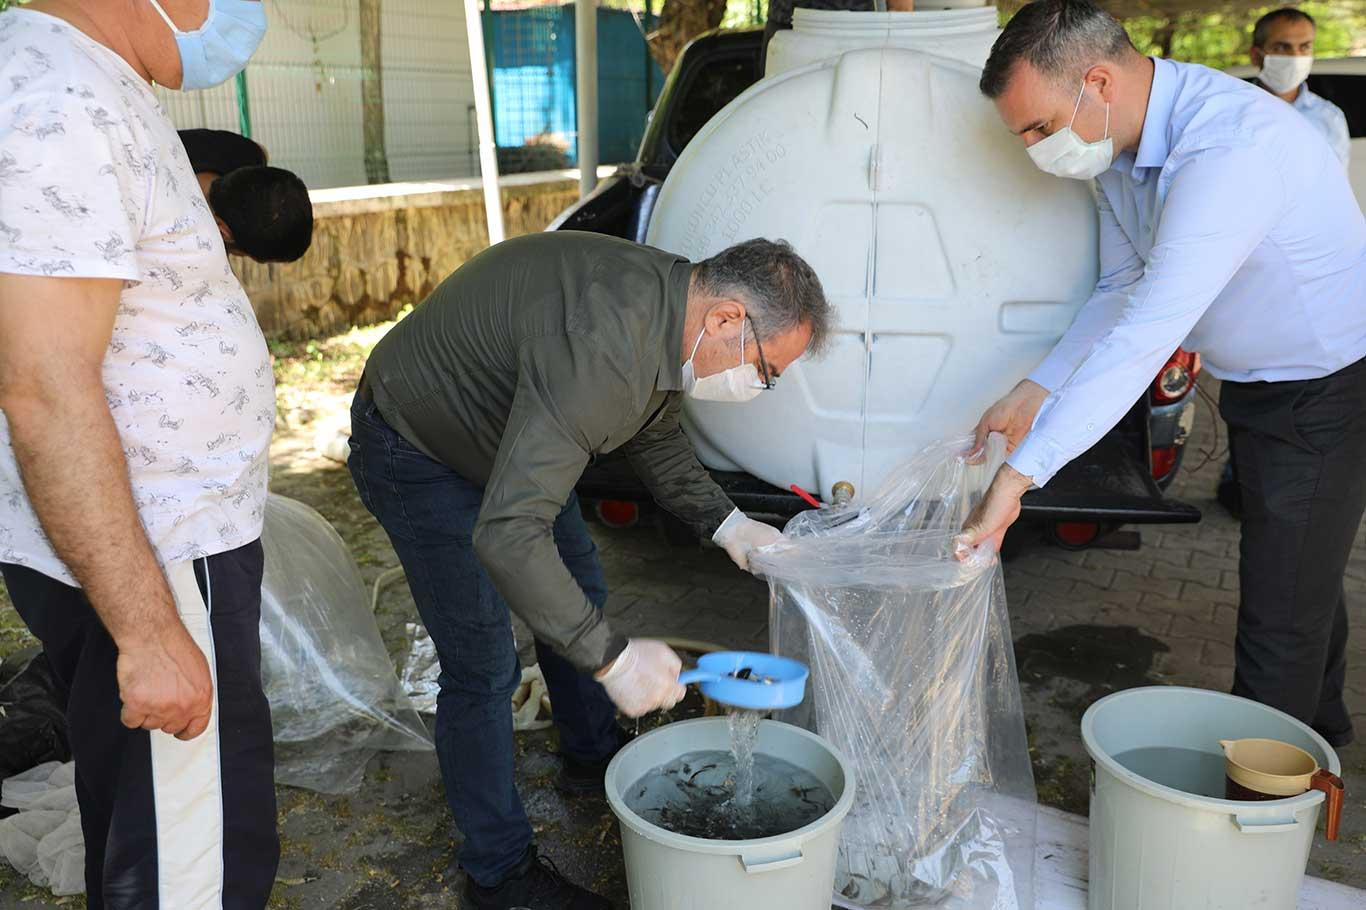 Diyarbakır Tarım ve Orman İl Müdürlüğü ildeki göletlere 180 bin adet sazan yavrusu bıraktı.